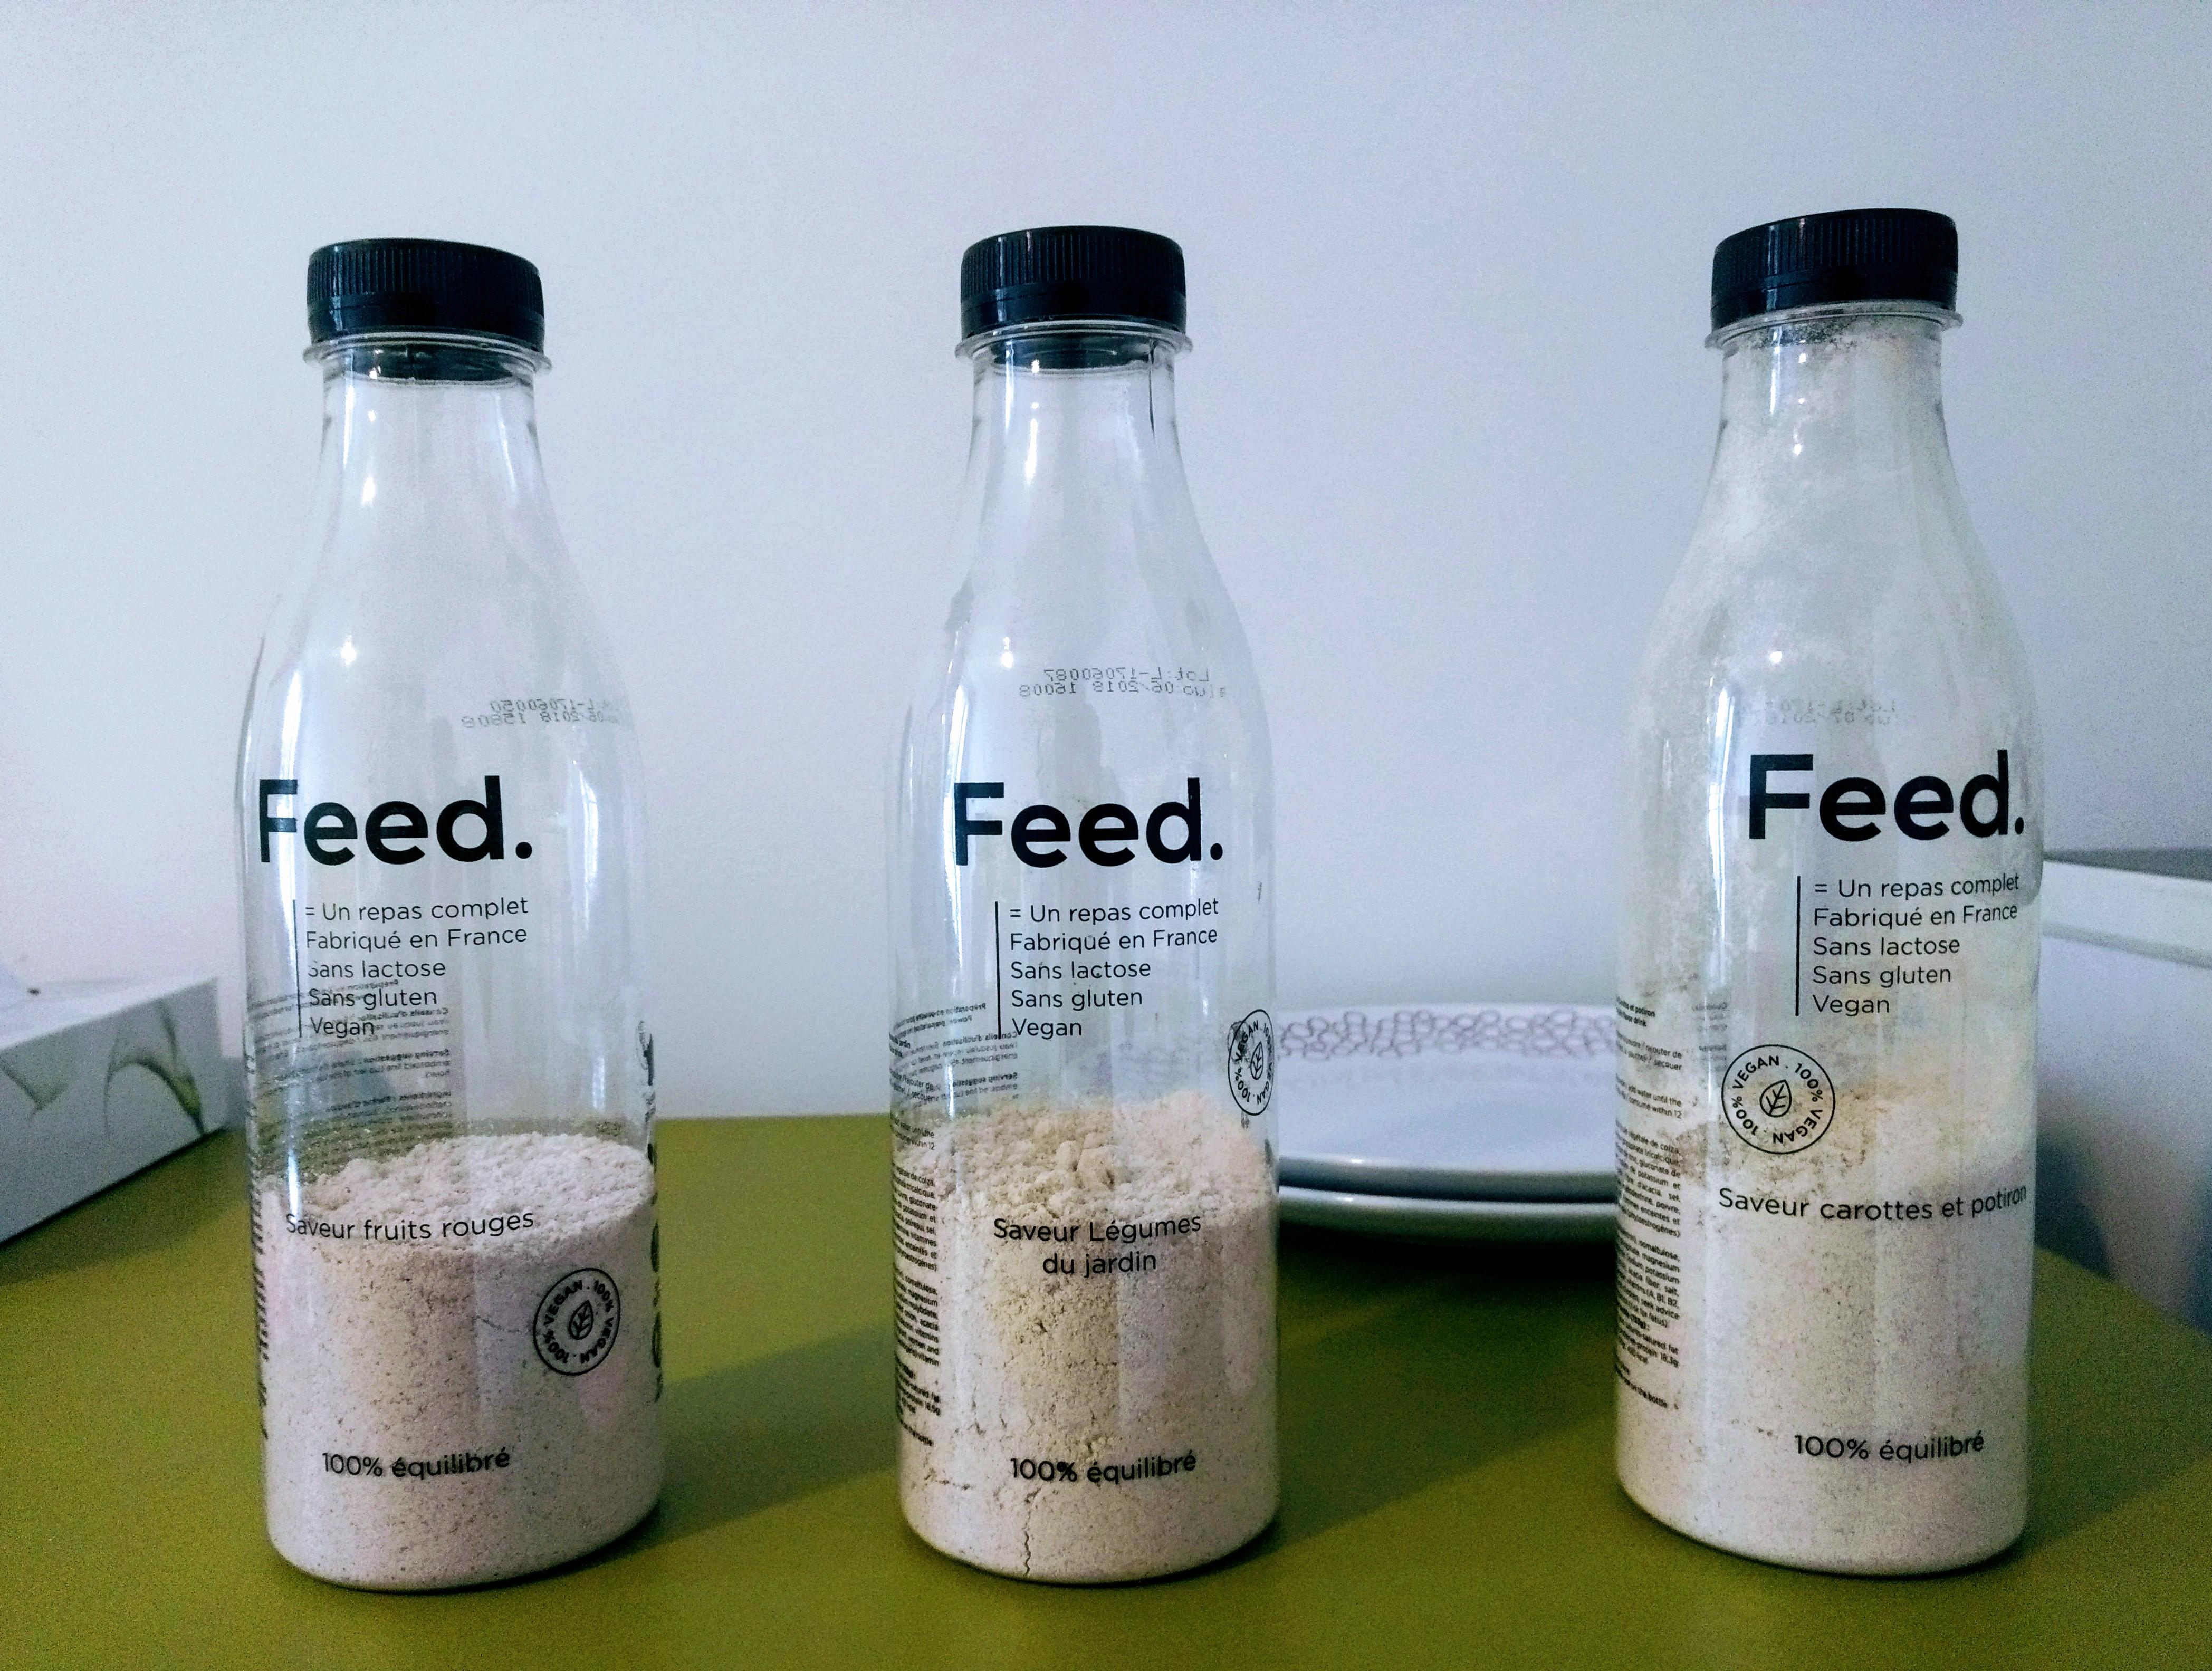 J'ai testé Feed, la smart food française.